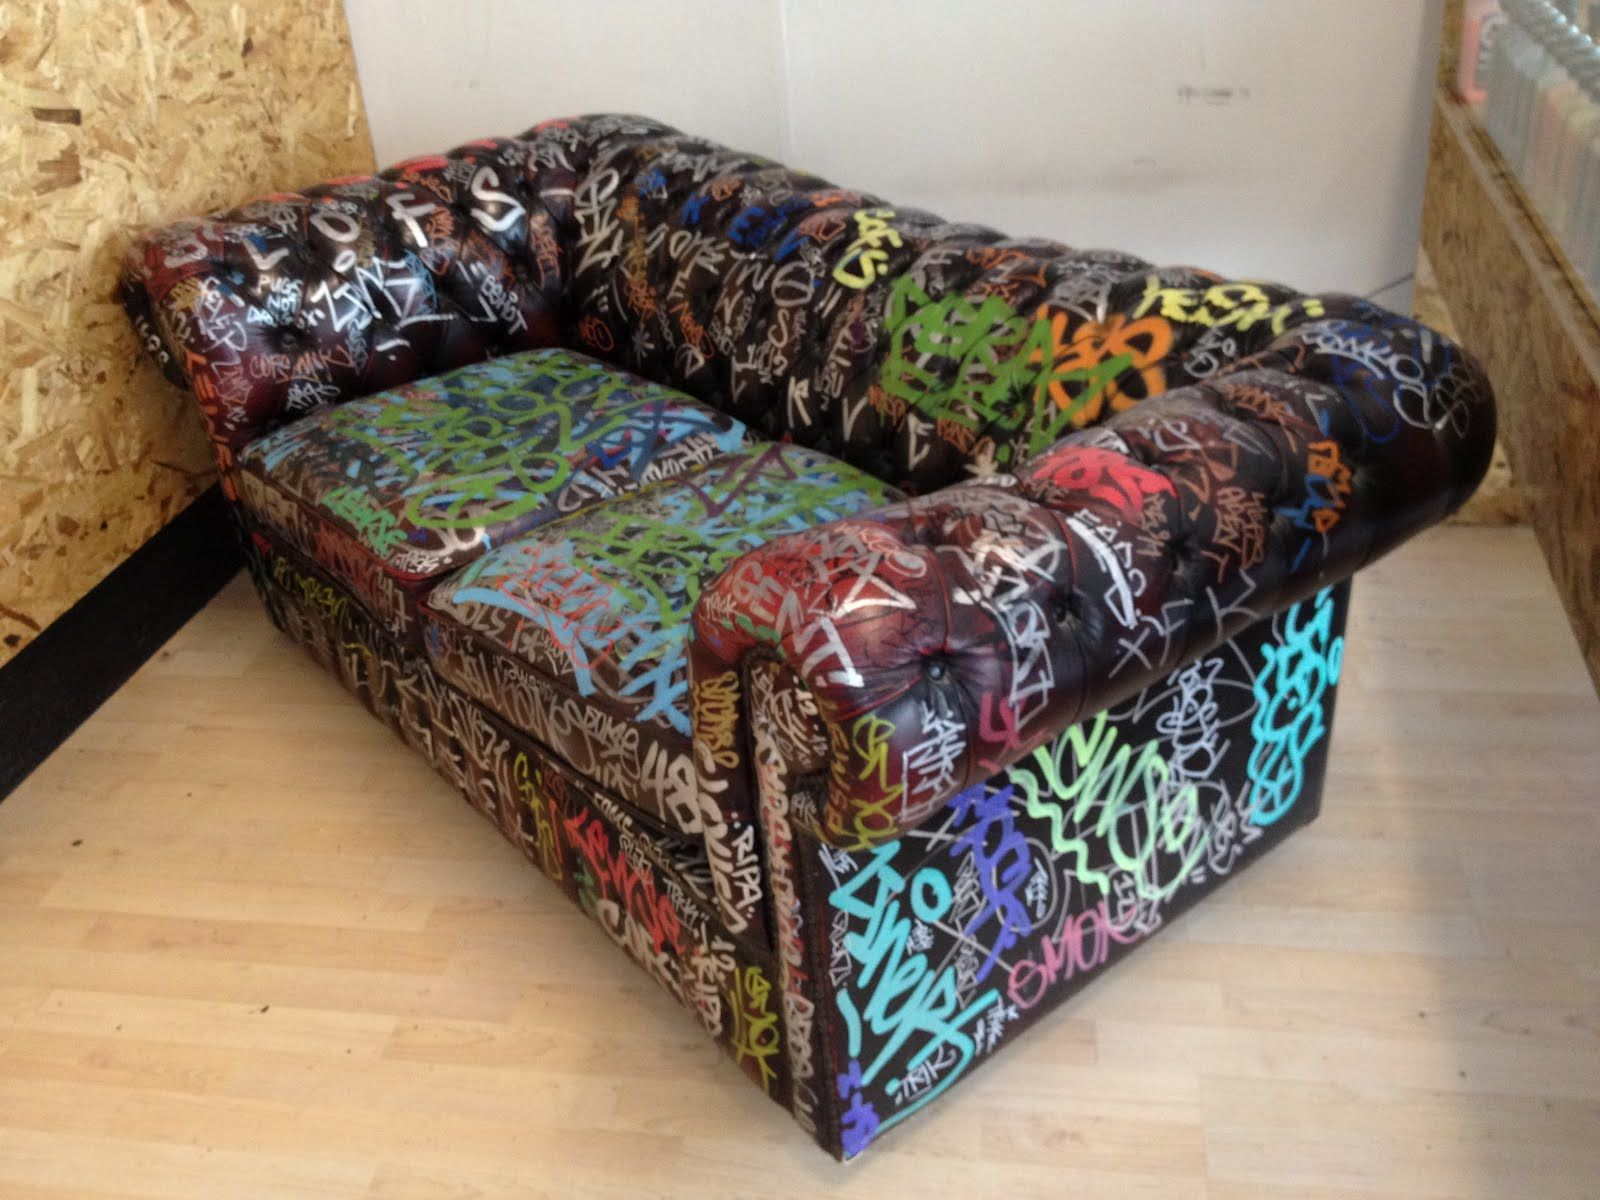 Graffiti Sofa  Graffiti bedroom, Graffiti furniture, Graffiti room